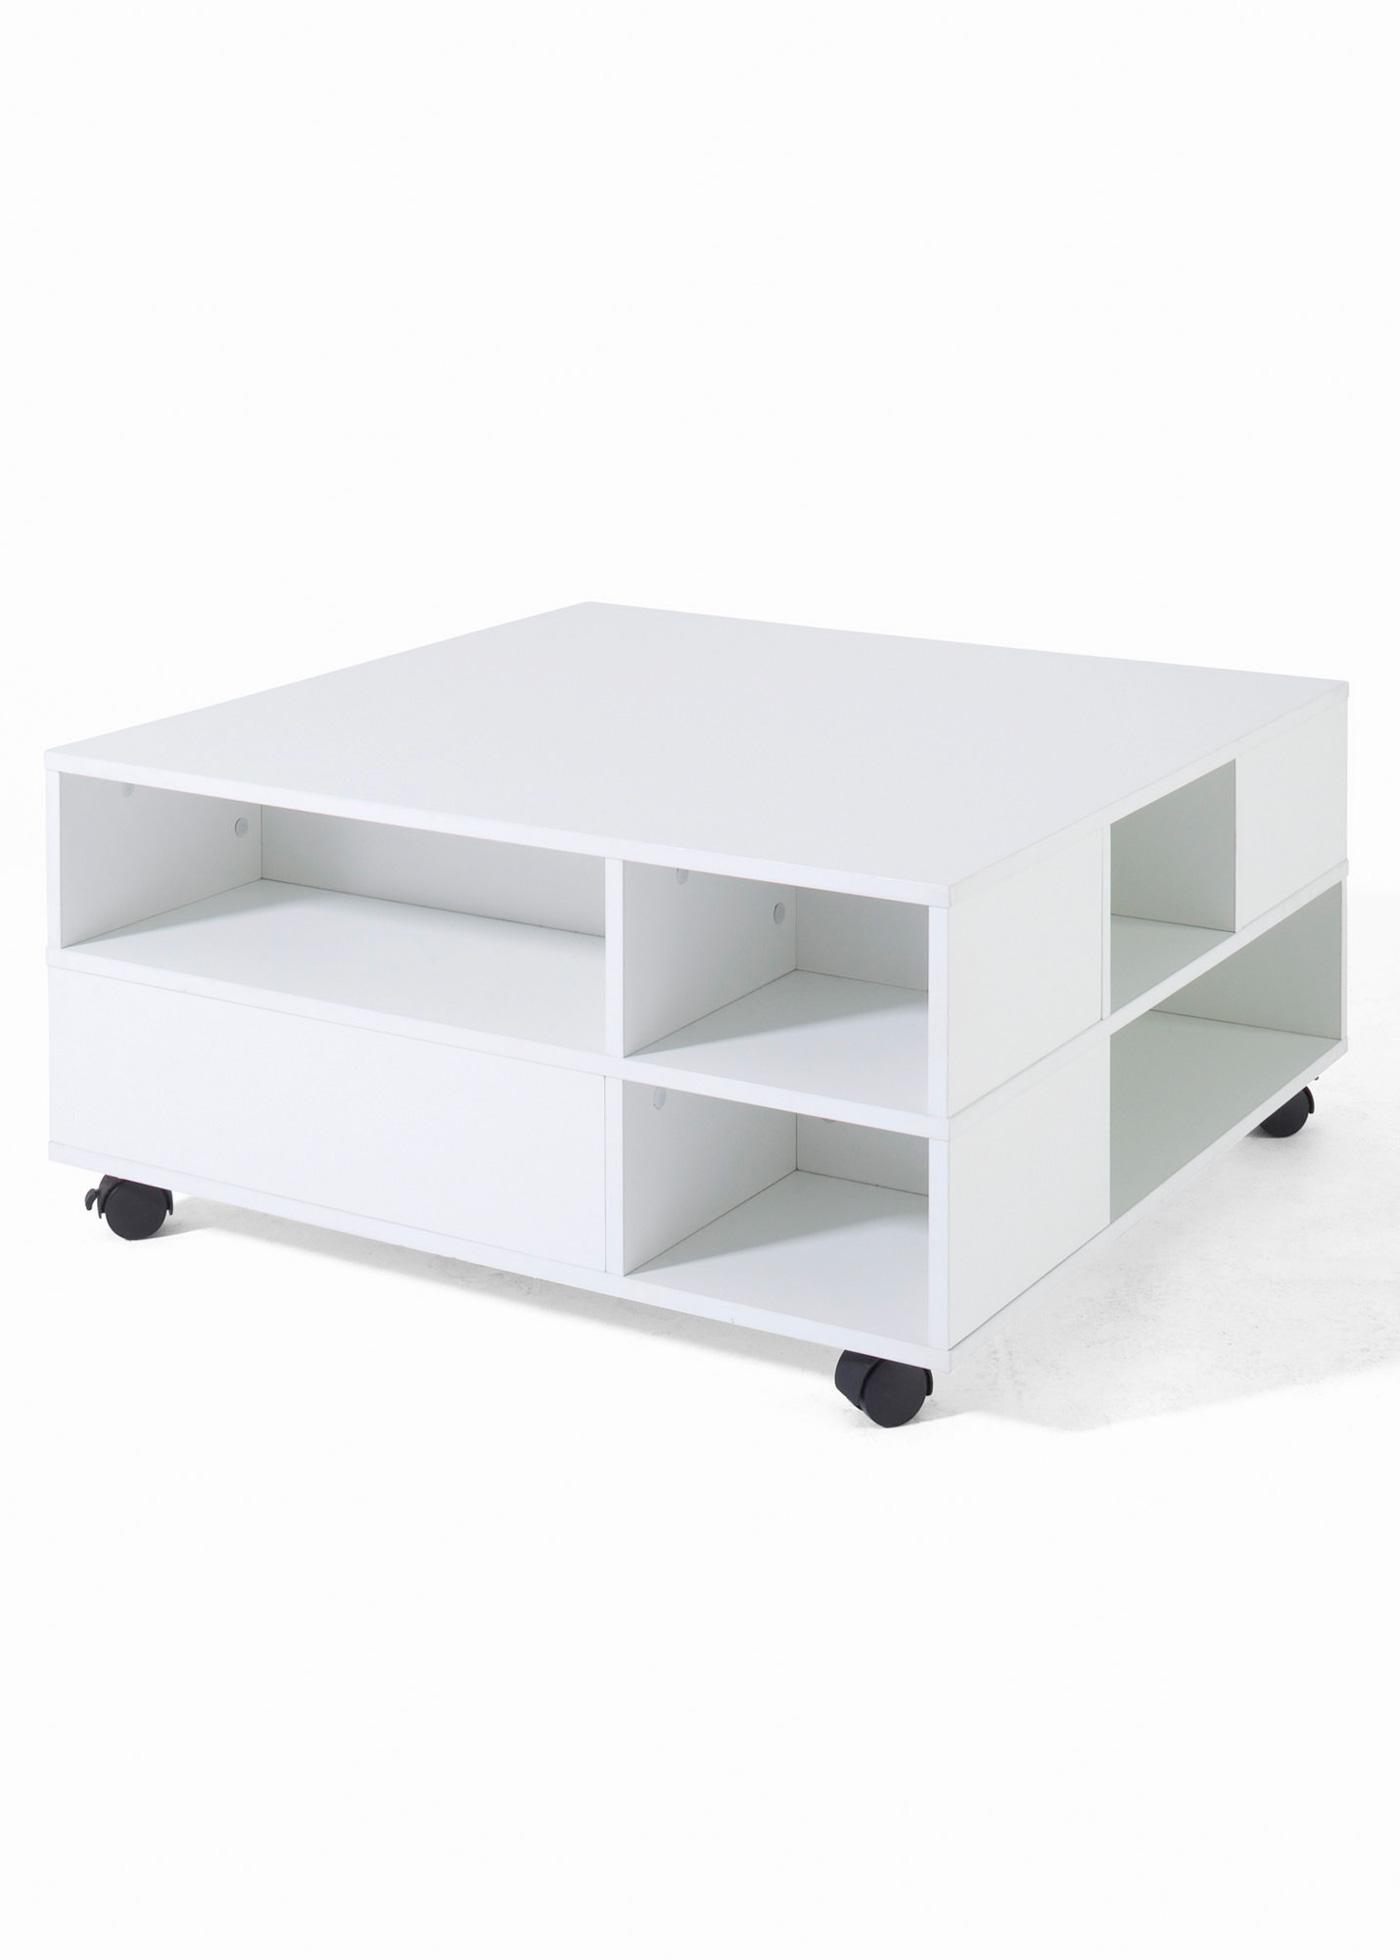 Couchtisch Steffi in weiß von bonprix Wohnen > Möbel & Dekoration > Tische > Couchtische